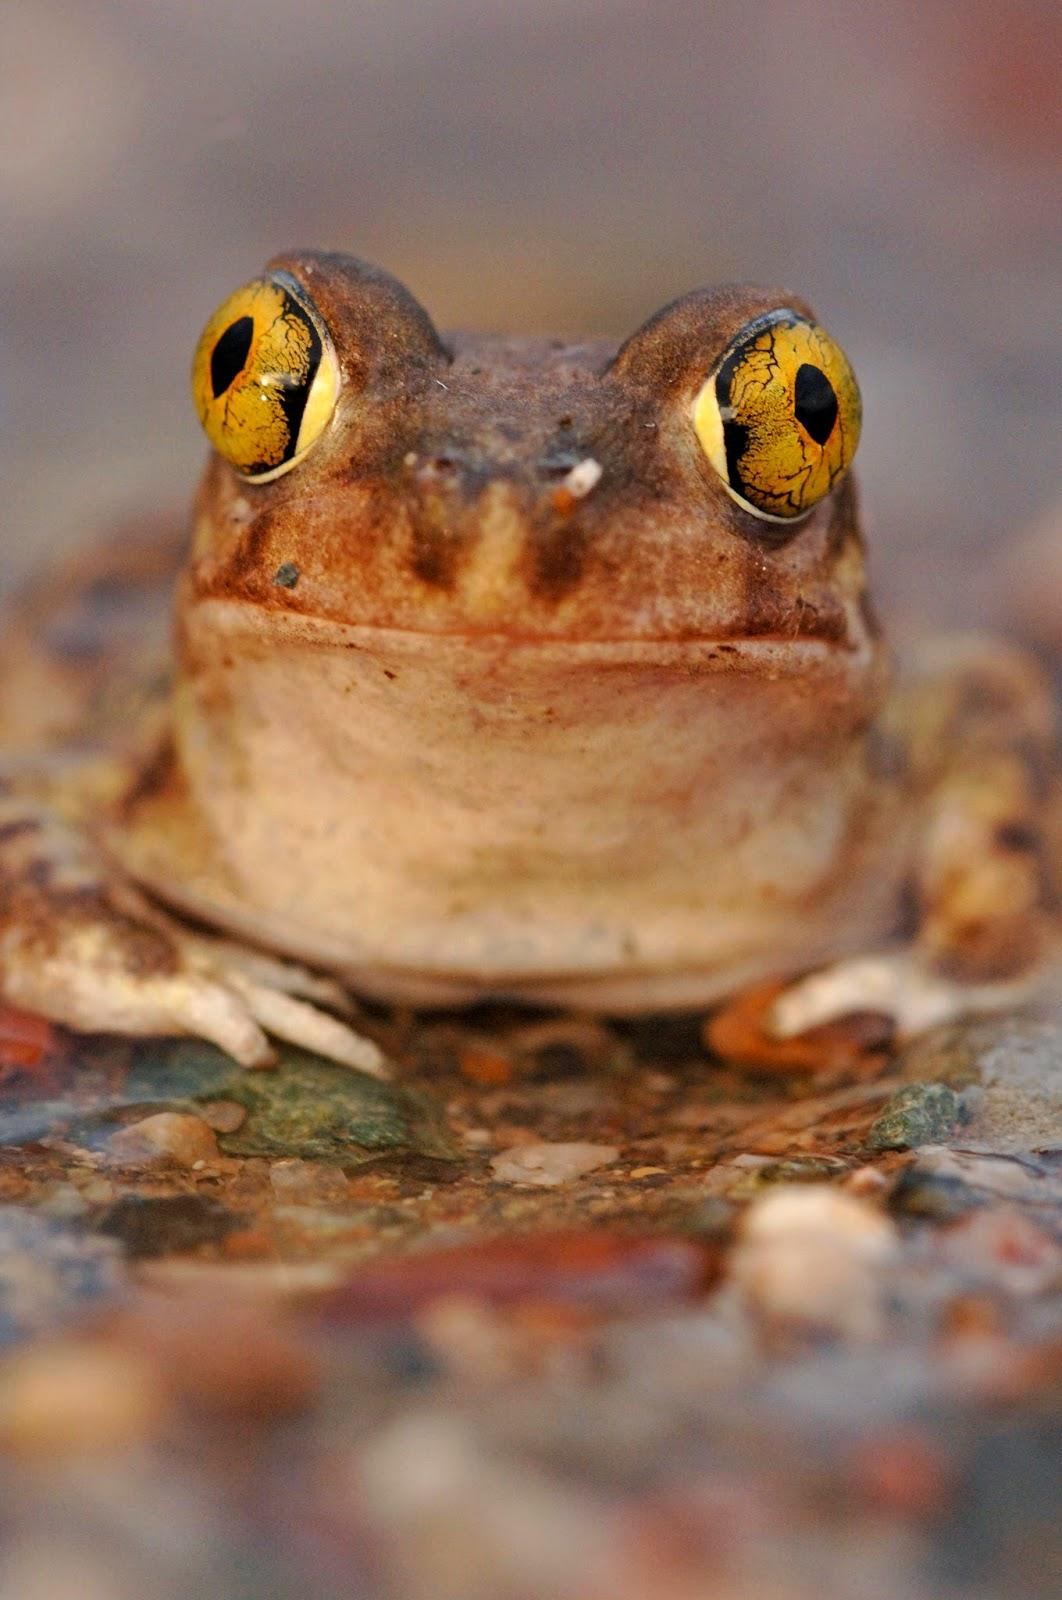 Dissertation ideas wildlife conservation